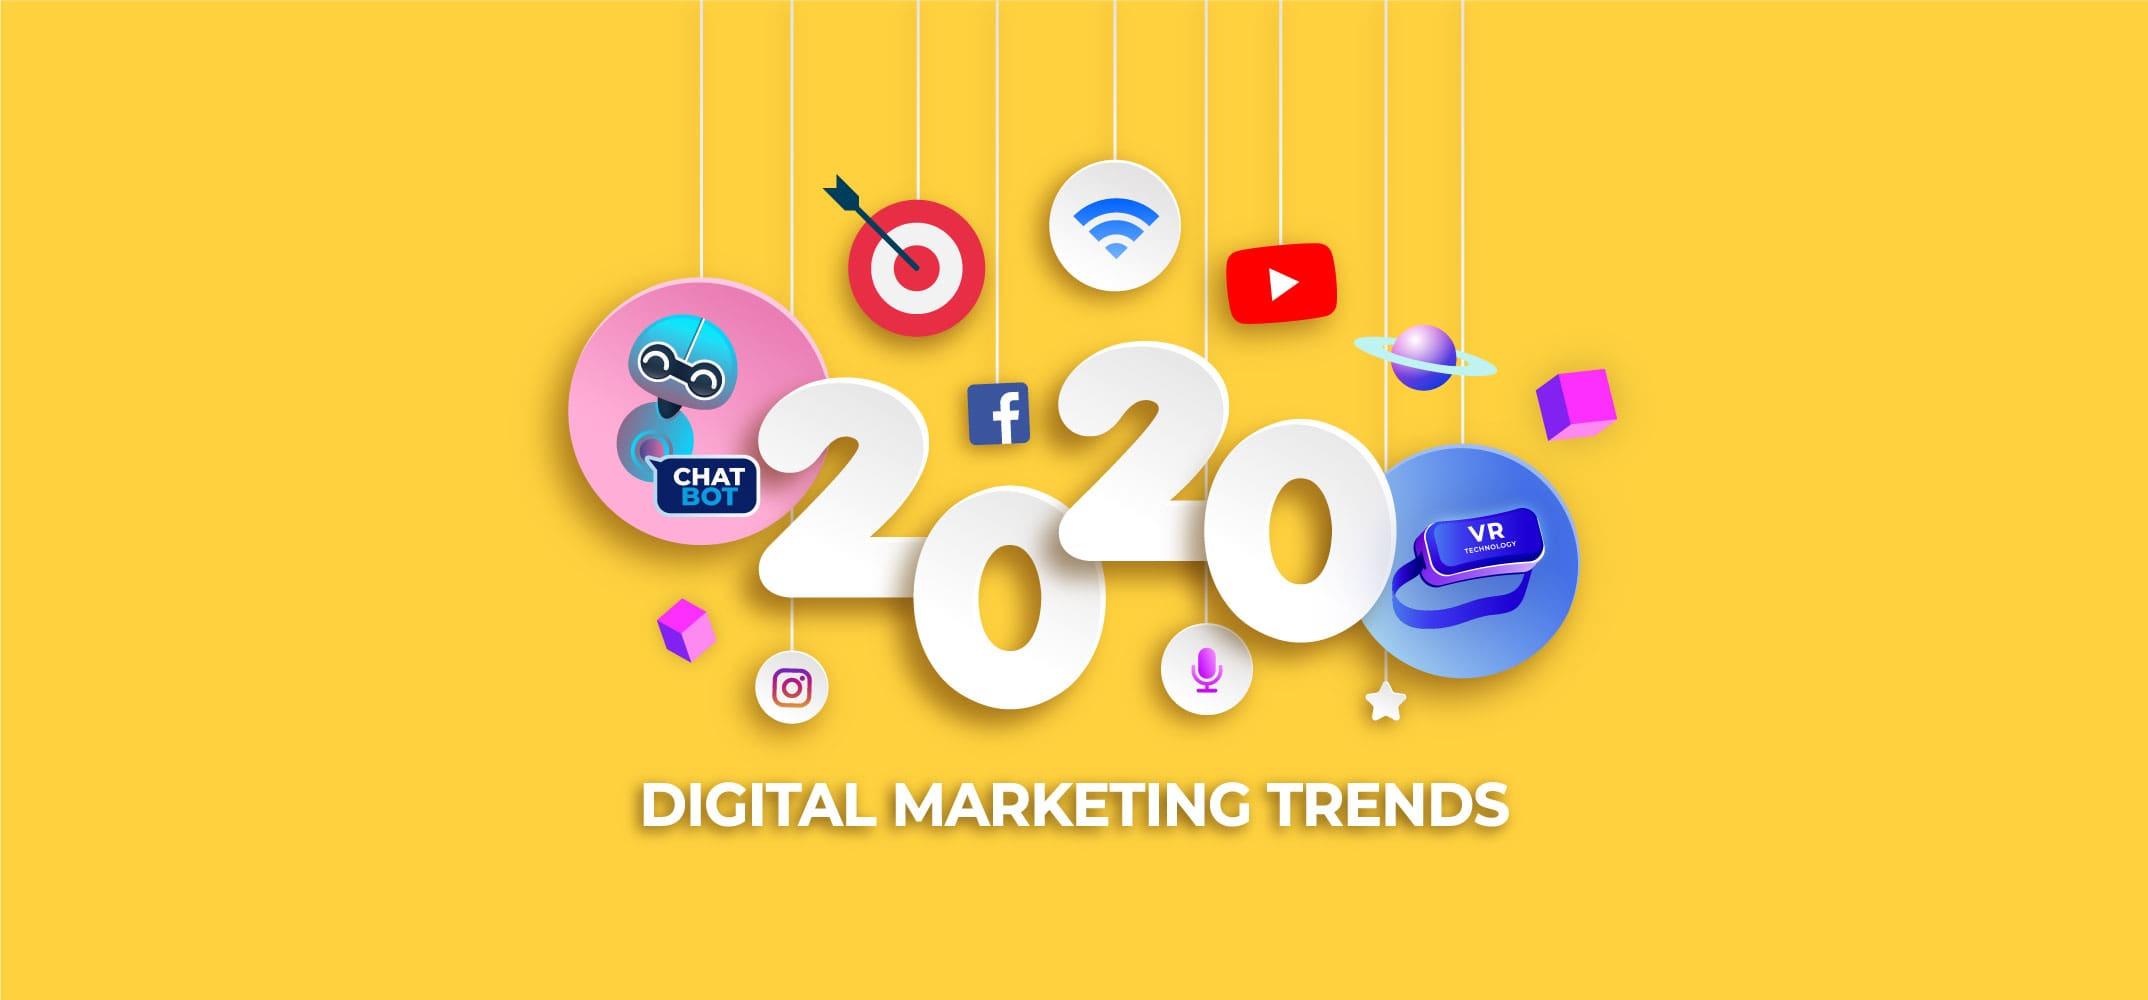 Тренды диджитал маркетинга в 2020 году